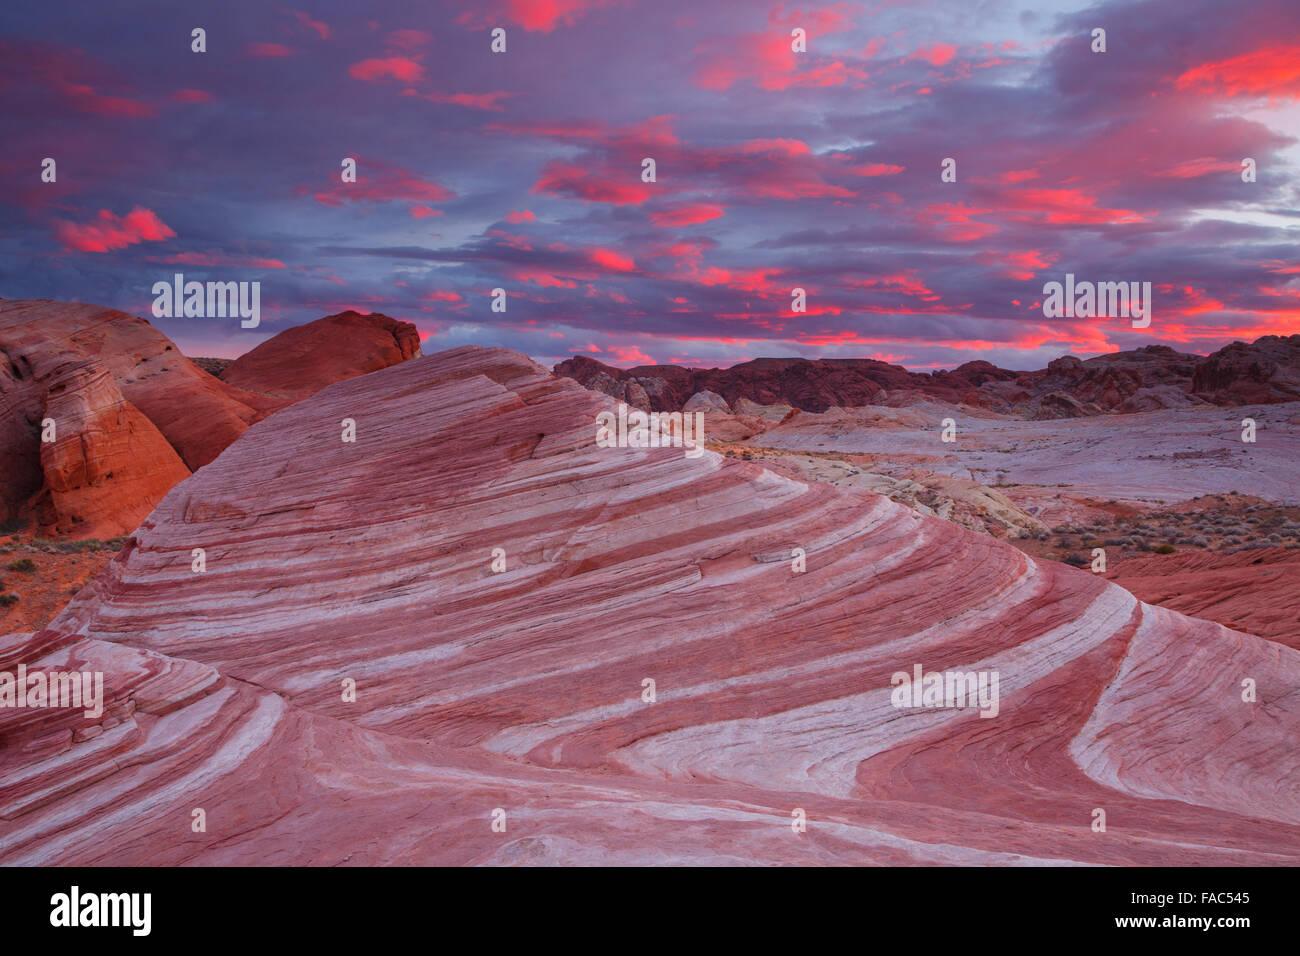 Feuer-Welle, Valley of Fire State Park, in der Nähe von Las Vegas, Nevada. Stockbild